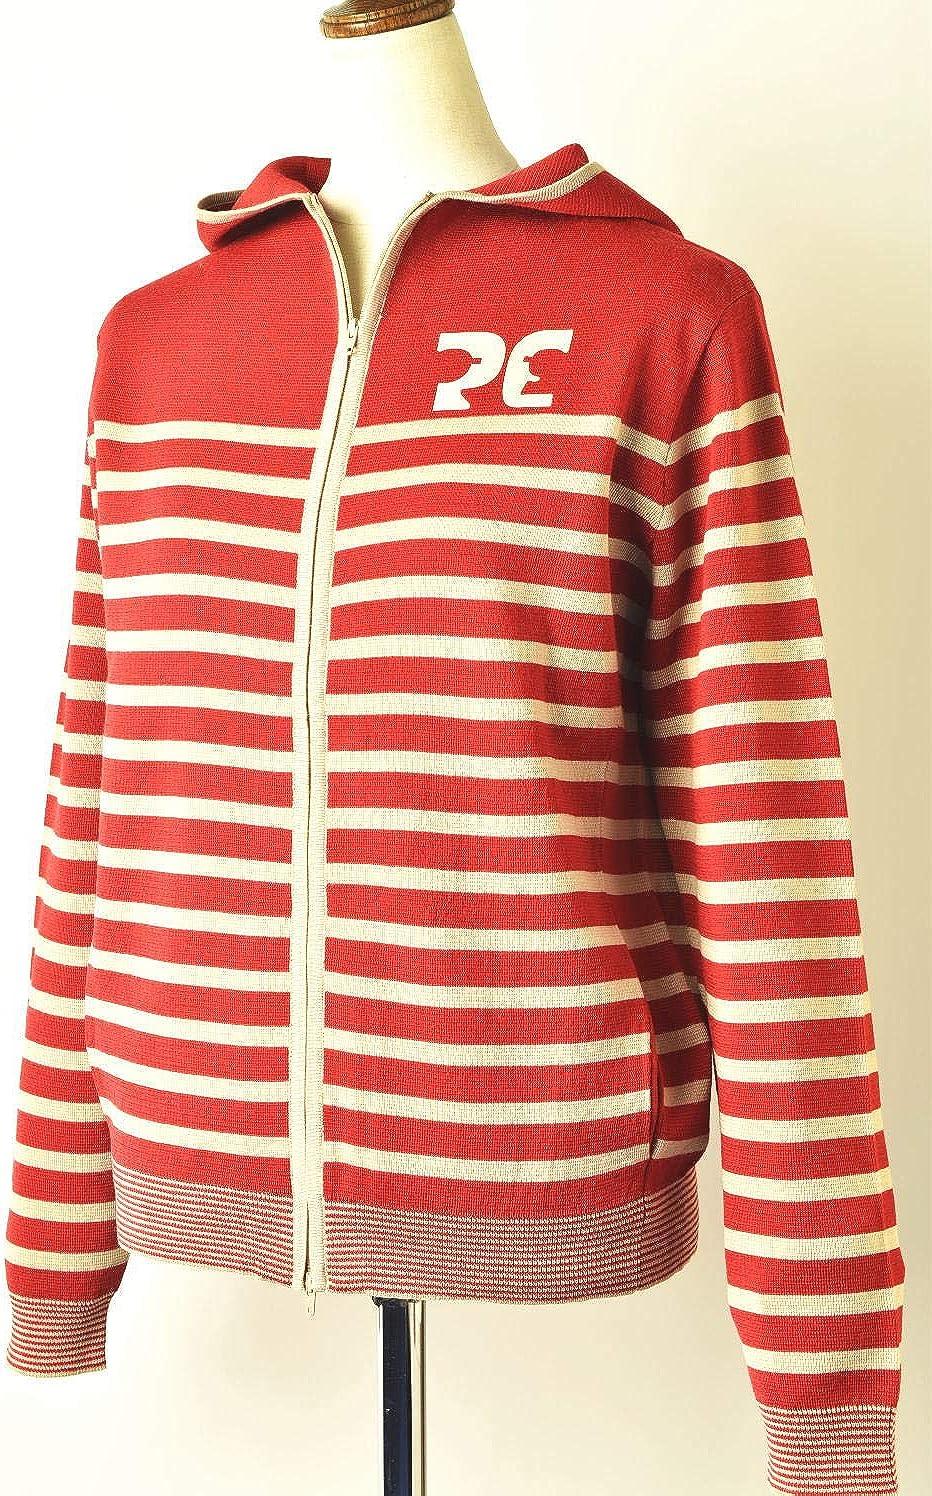 (ピッコーネ クラブ) PICONE CLUB ジップアップニットブルゾン レディース ゴルフ c914816 レッド(120) L(02)